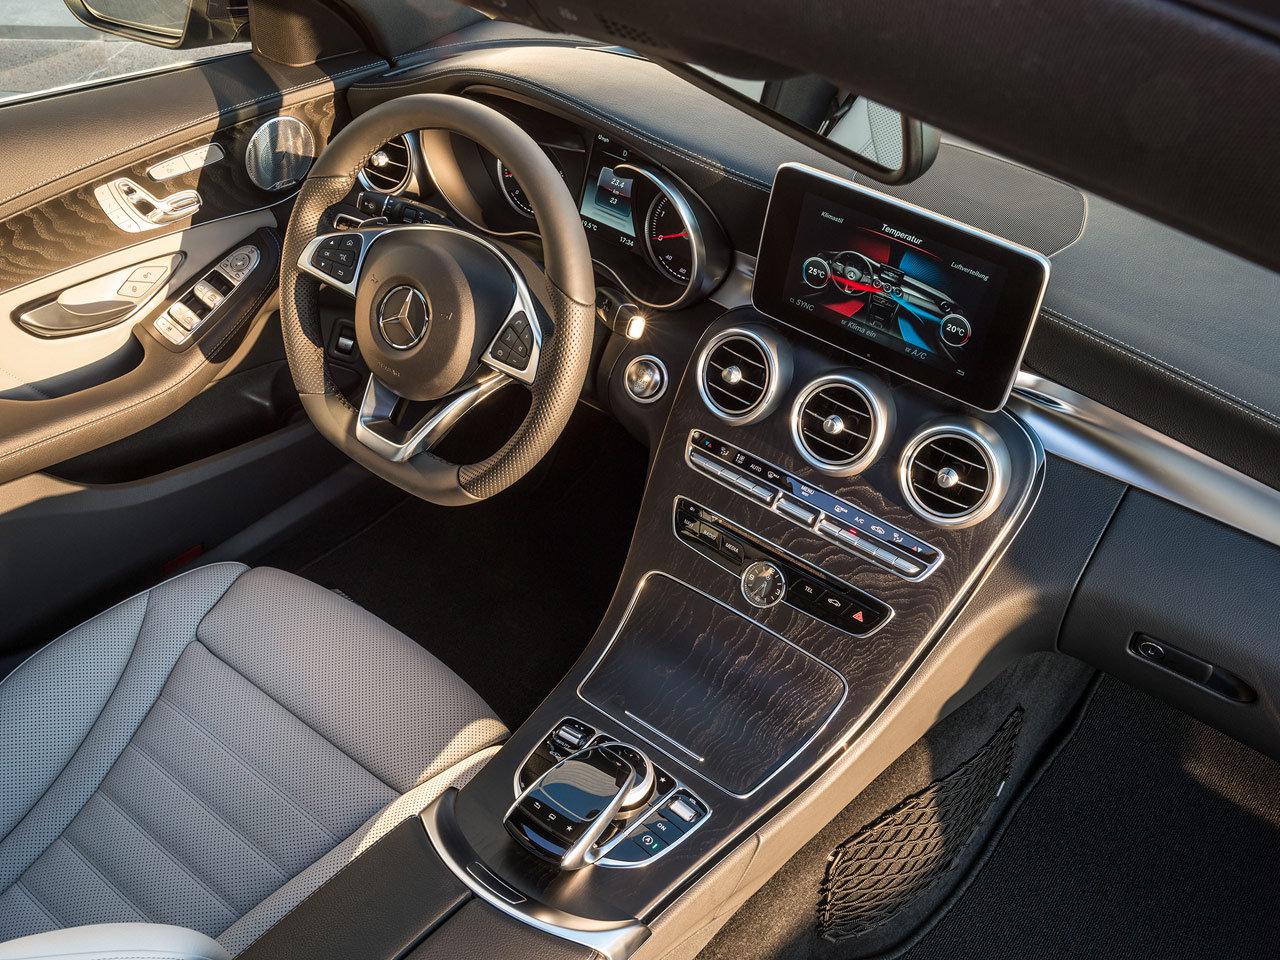 nuova mercedes classe c station wagon  immagini ufficiali